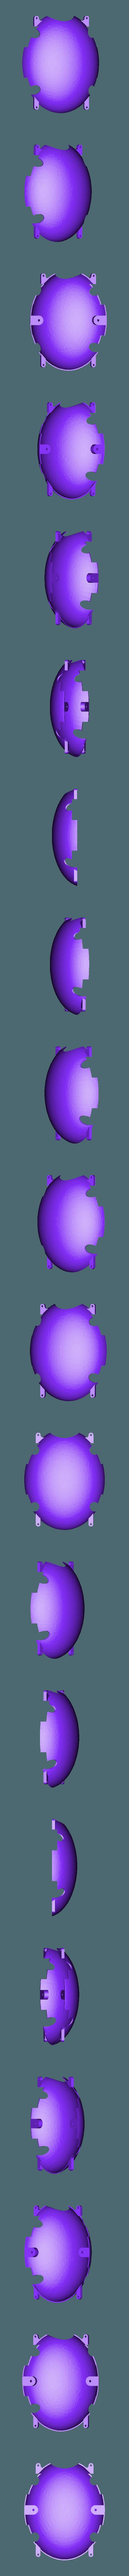 BodyBack_V2.stl Télécharger fichier STL gratuit Robot Spider Bug (robot quadrupède, quadrupède)-MG90 • Design pour impression 3D, kasinatorhh